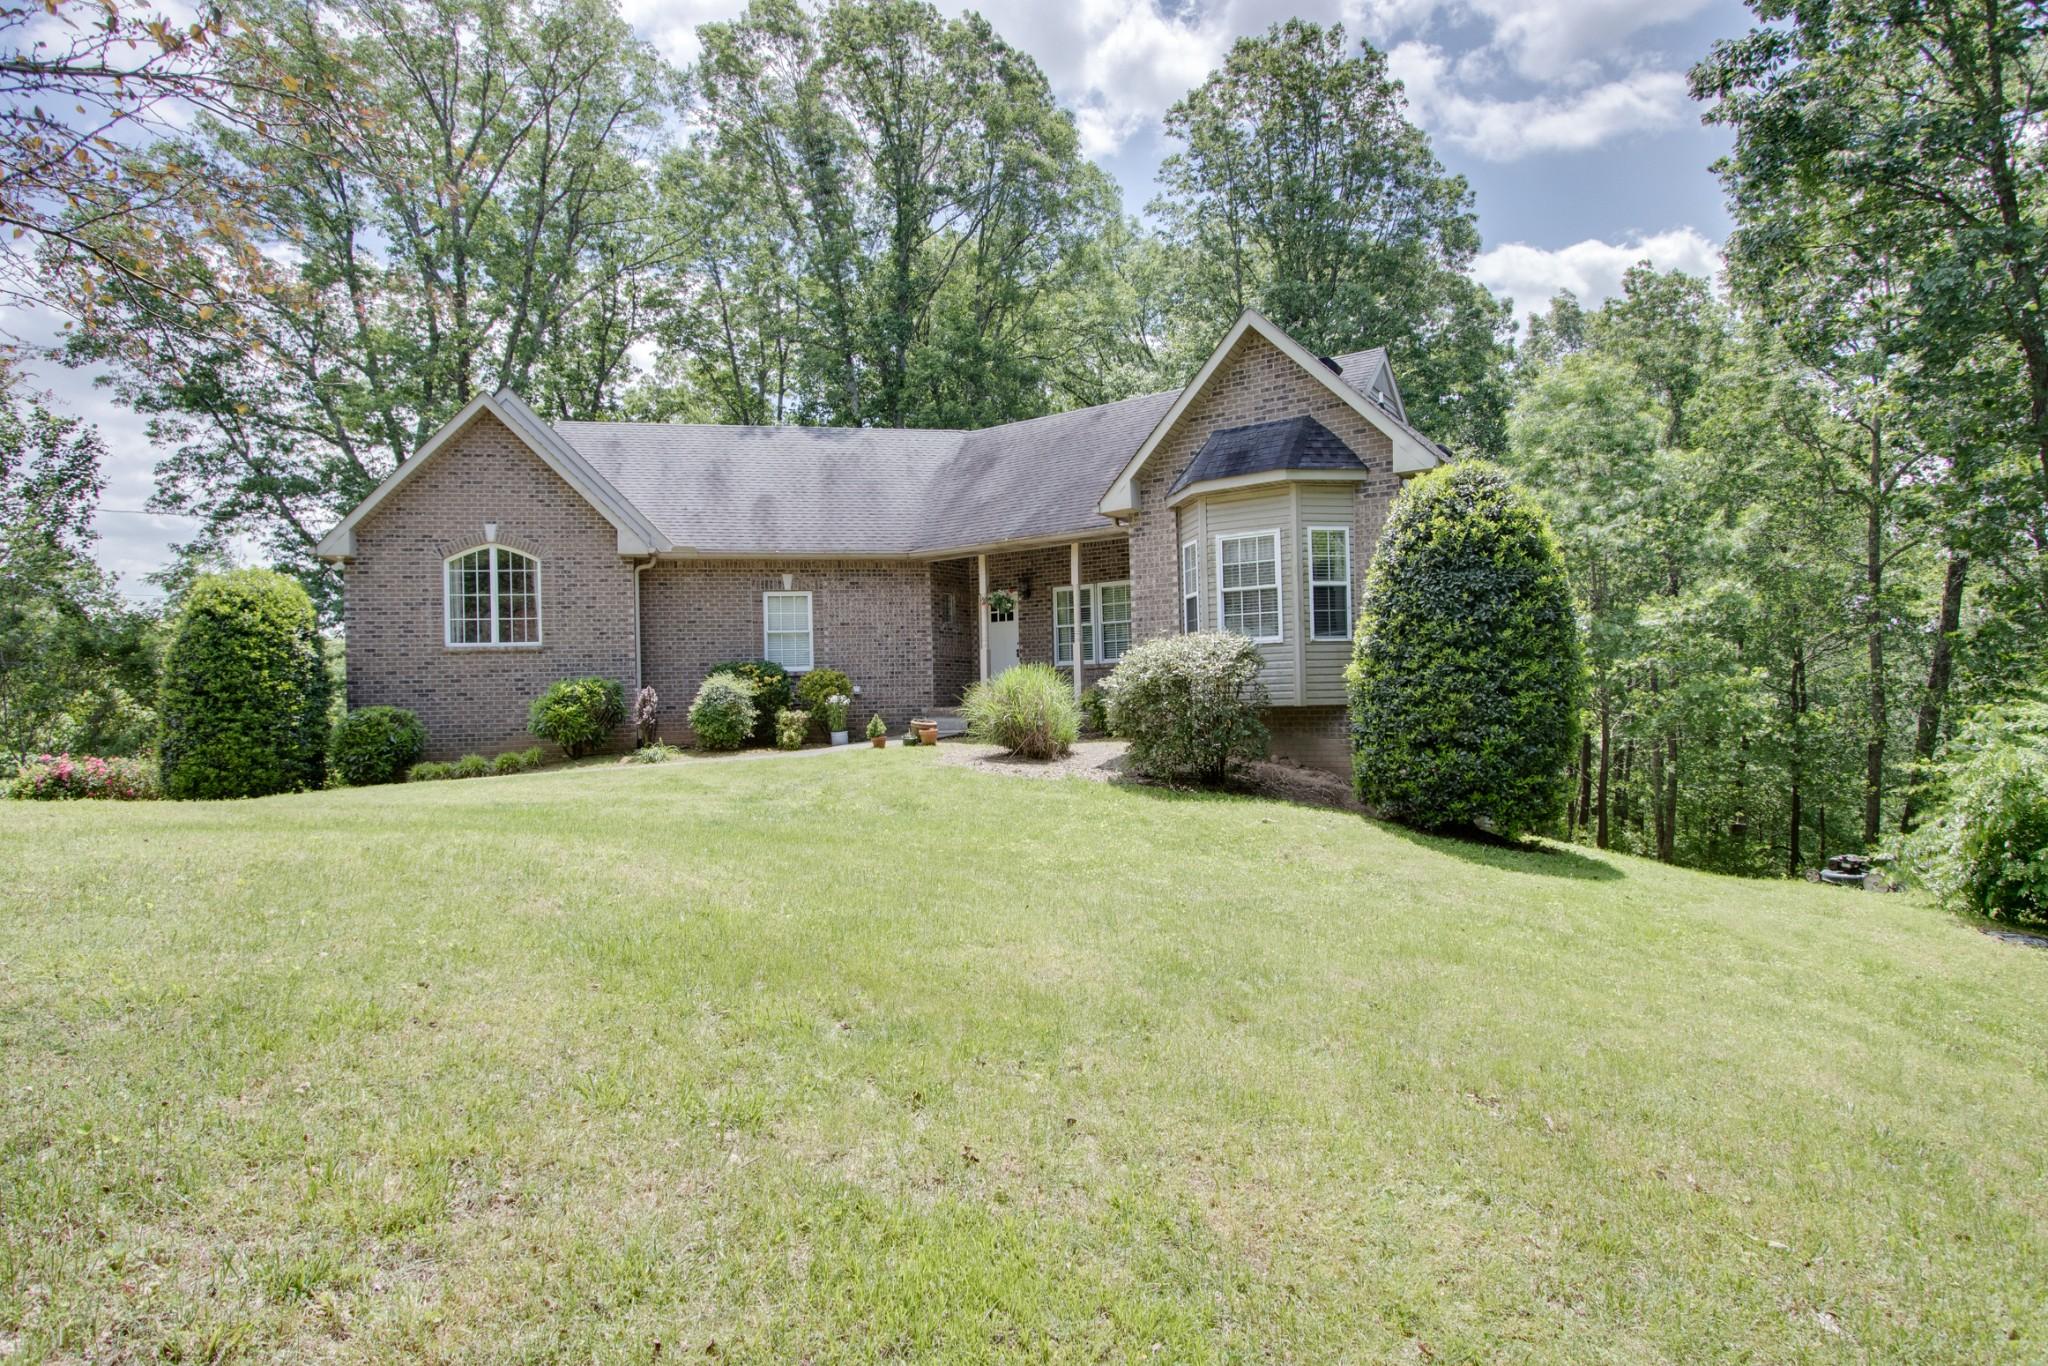 2726 Greer Rd, Goodlettsville, TN 37072 - Goodlettsville, TN real estate listing